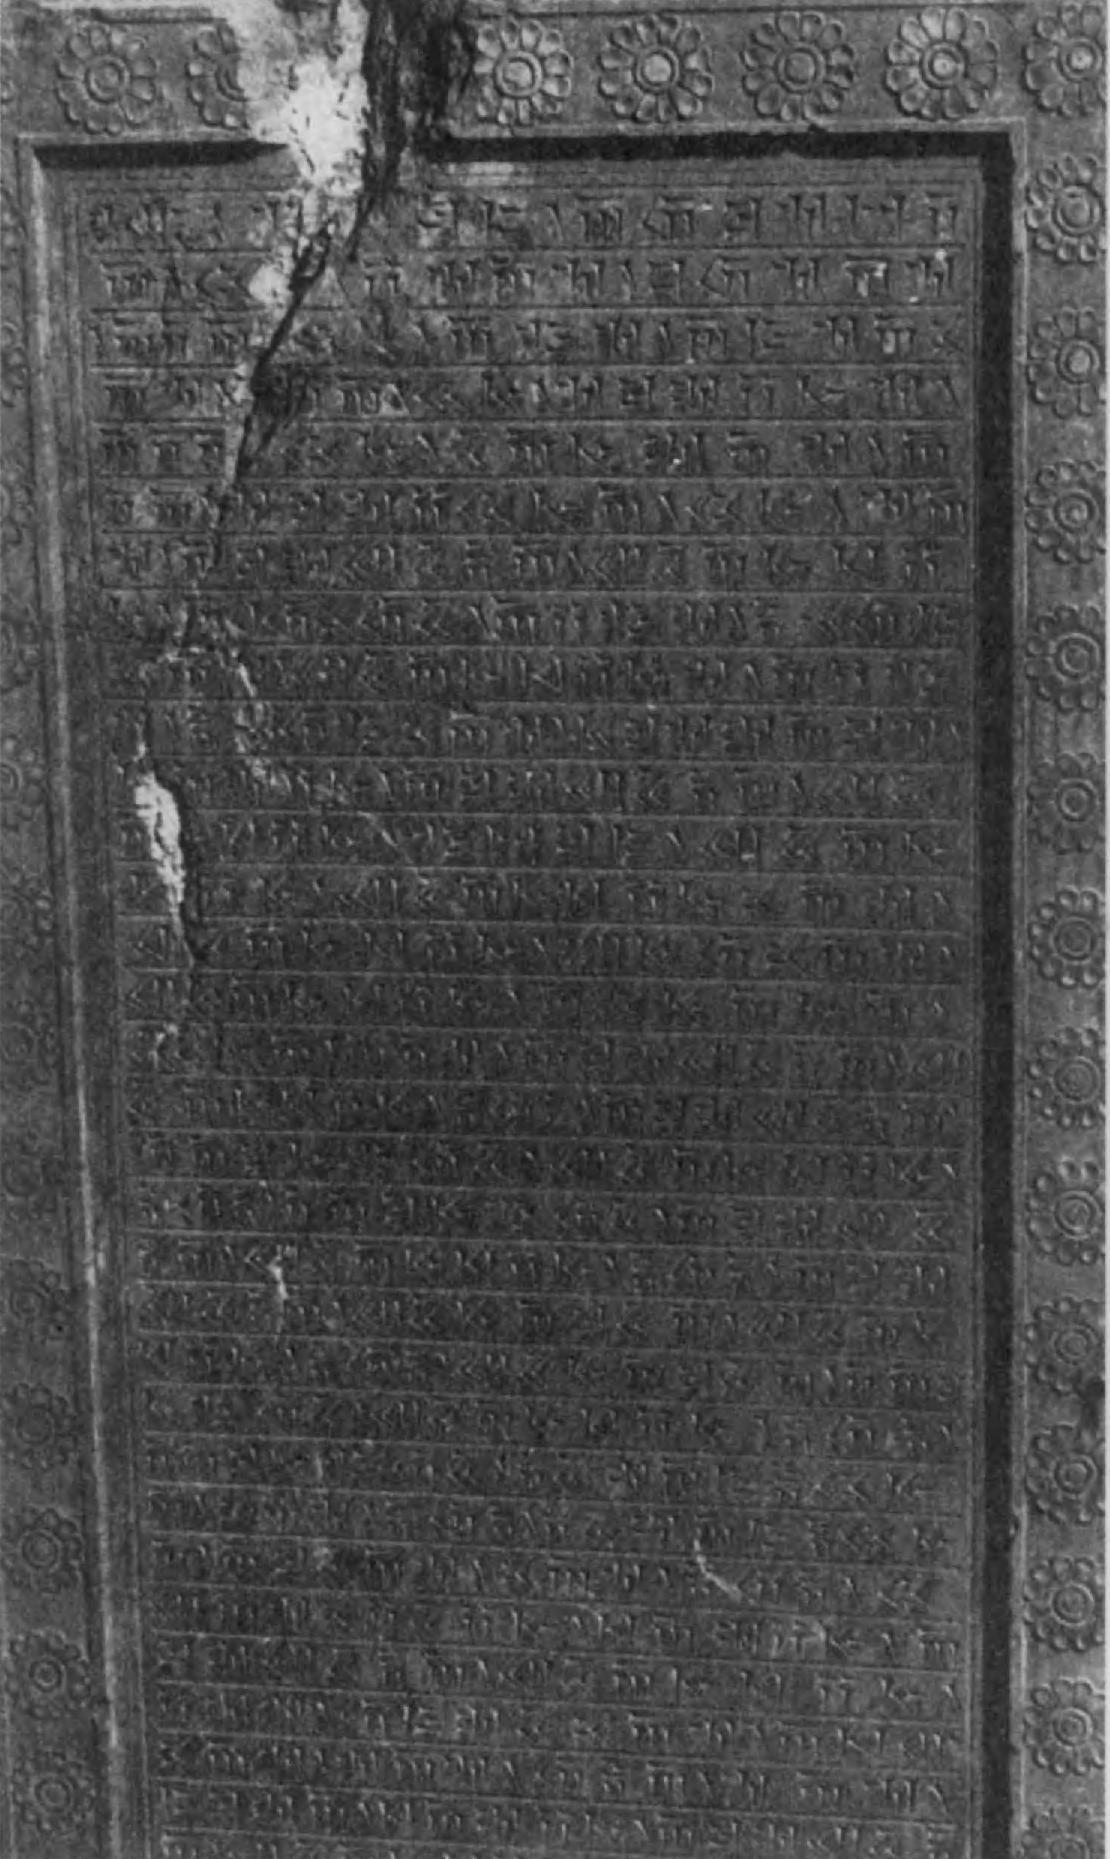 39.Древнеперсидская надпись из Персеполя царя Артаксеркса III, при котором ахеменидская империя обрела новые силы и вернула себе прежнее могущество.